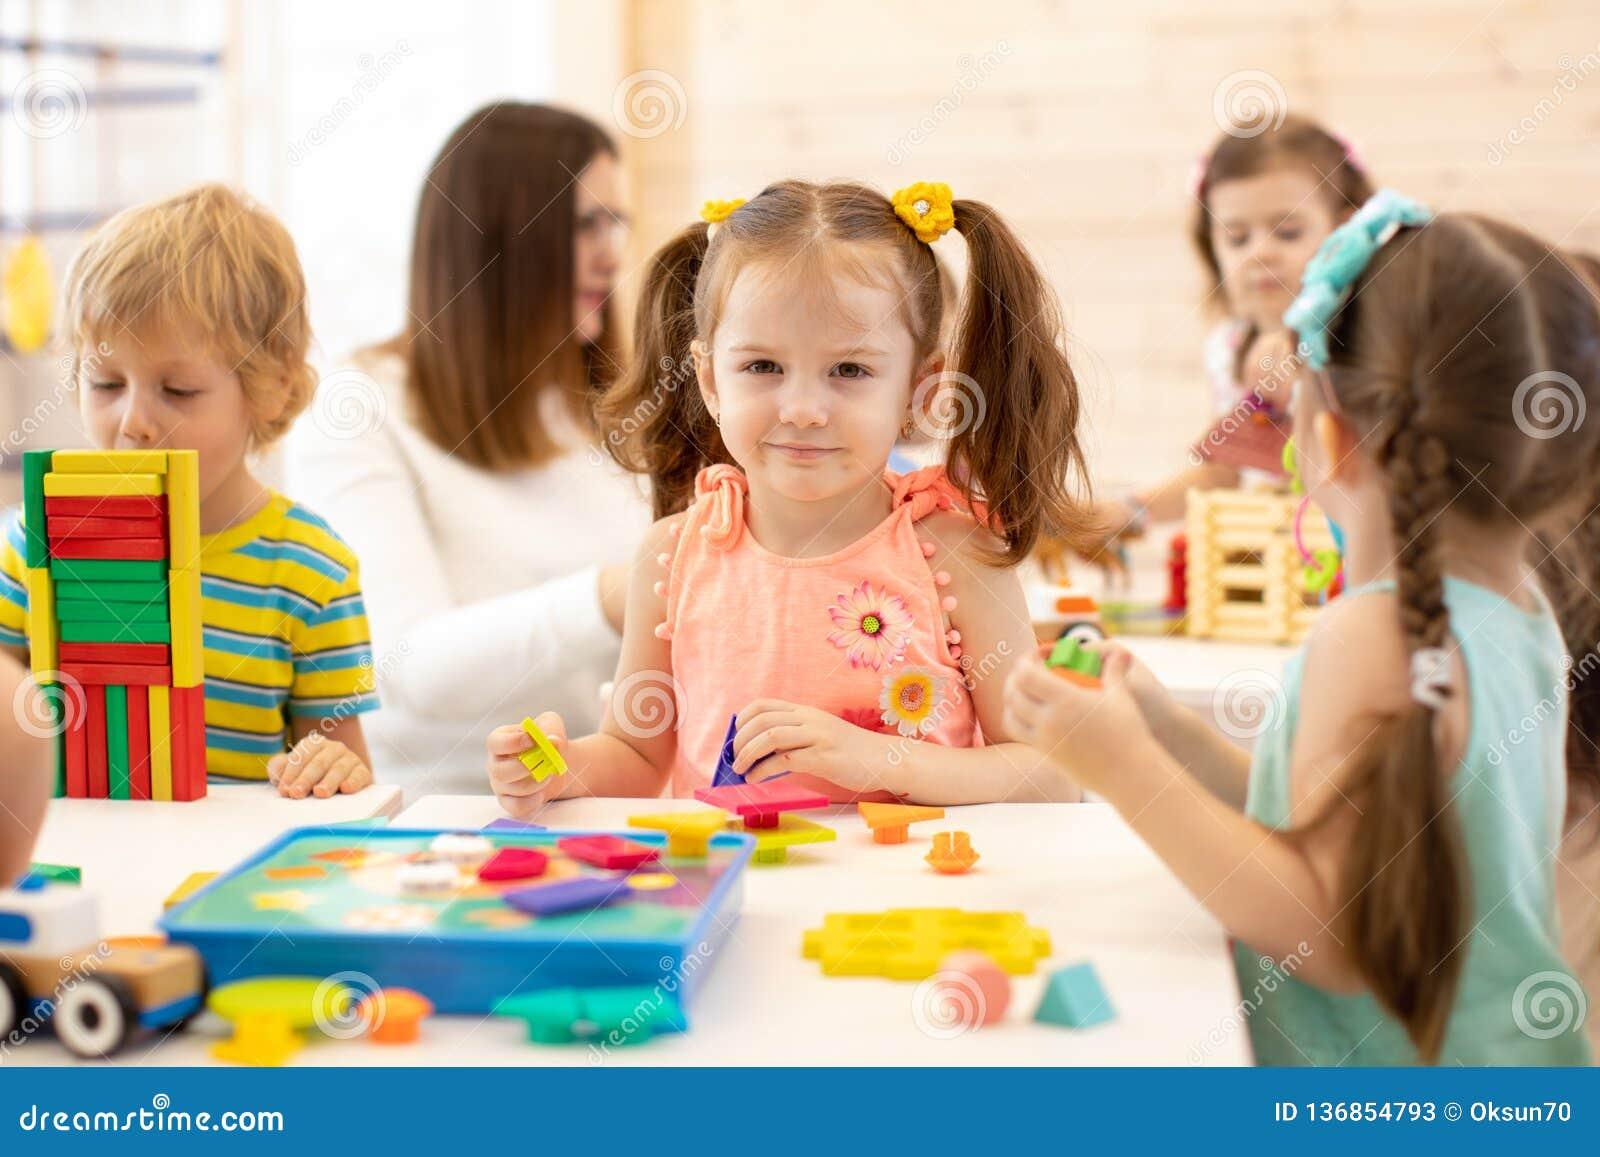 Vorschulkinderspiel mit bunten didaktischen Spielwaren am Kindergarten